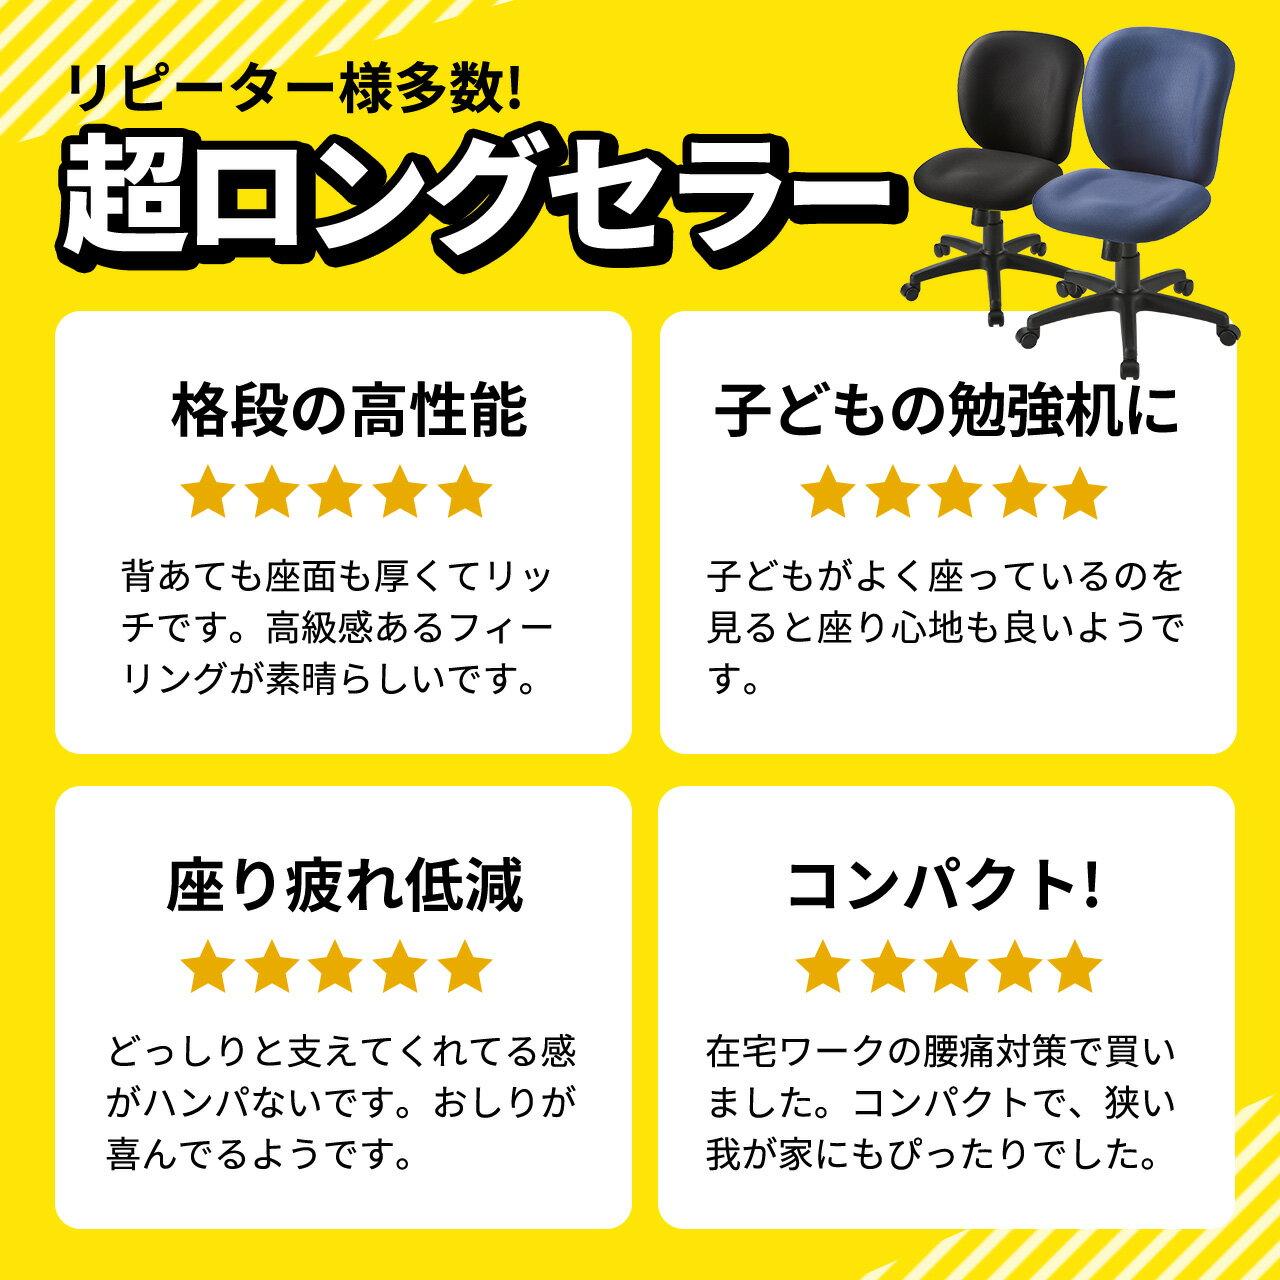 オフィスチェア低反発クッションロッキングキャスター事務椅子学習椅子ブラックブルーワークチェアデスクチェアパソコンチェア会社会議学校勉強